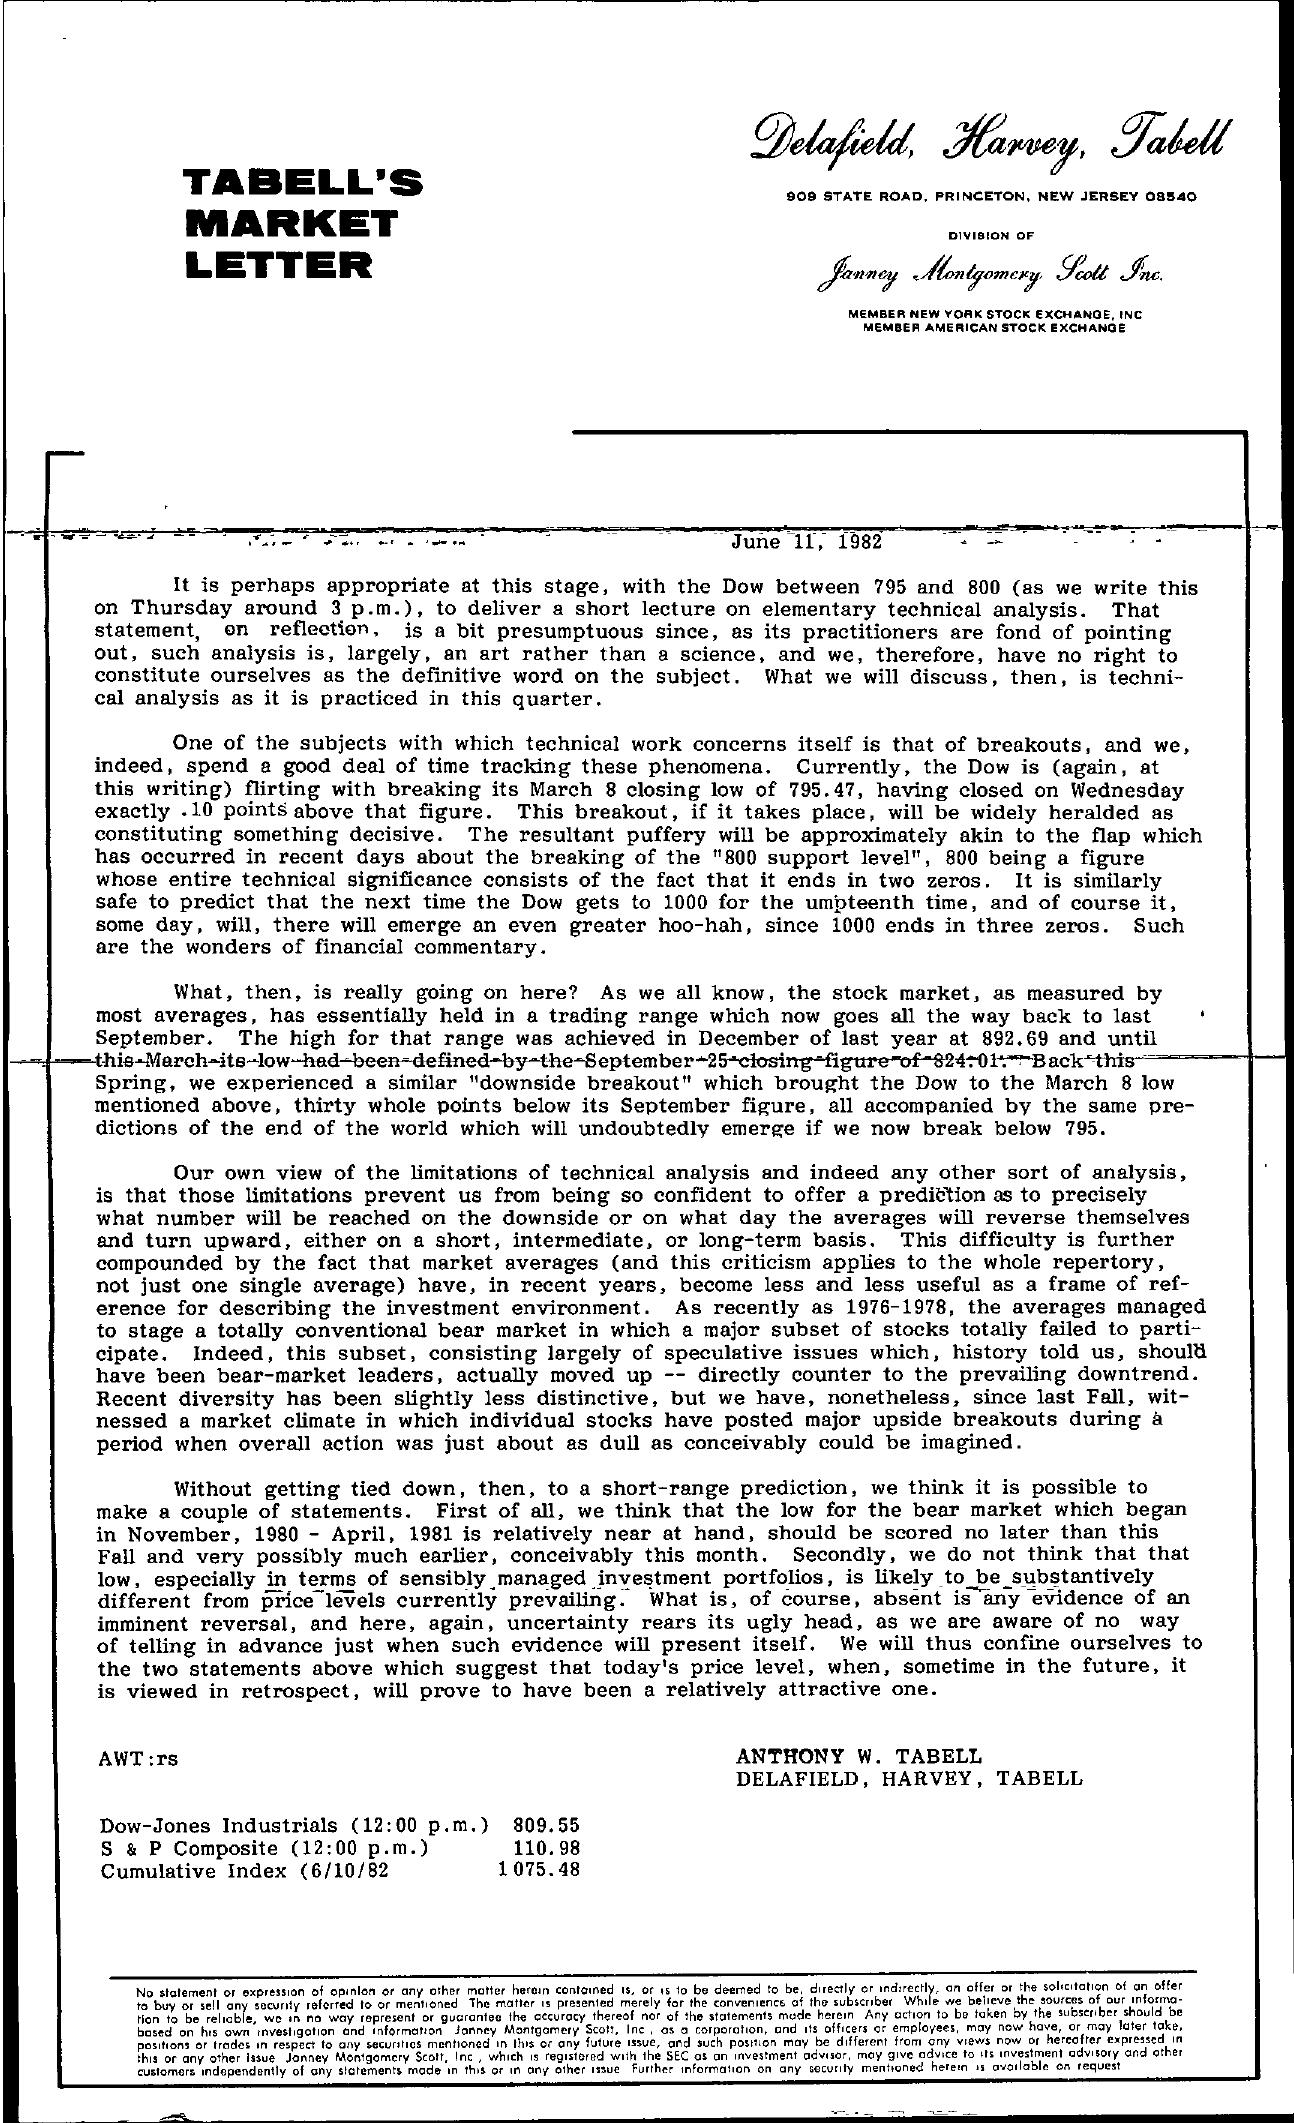 Tabell's Market Letter - June 11, 1982